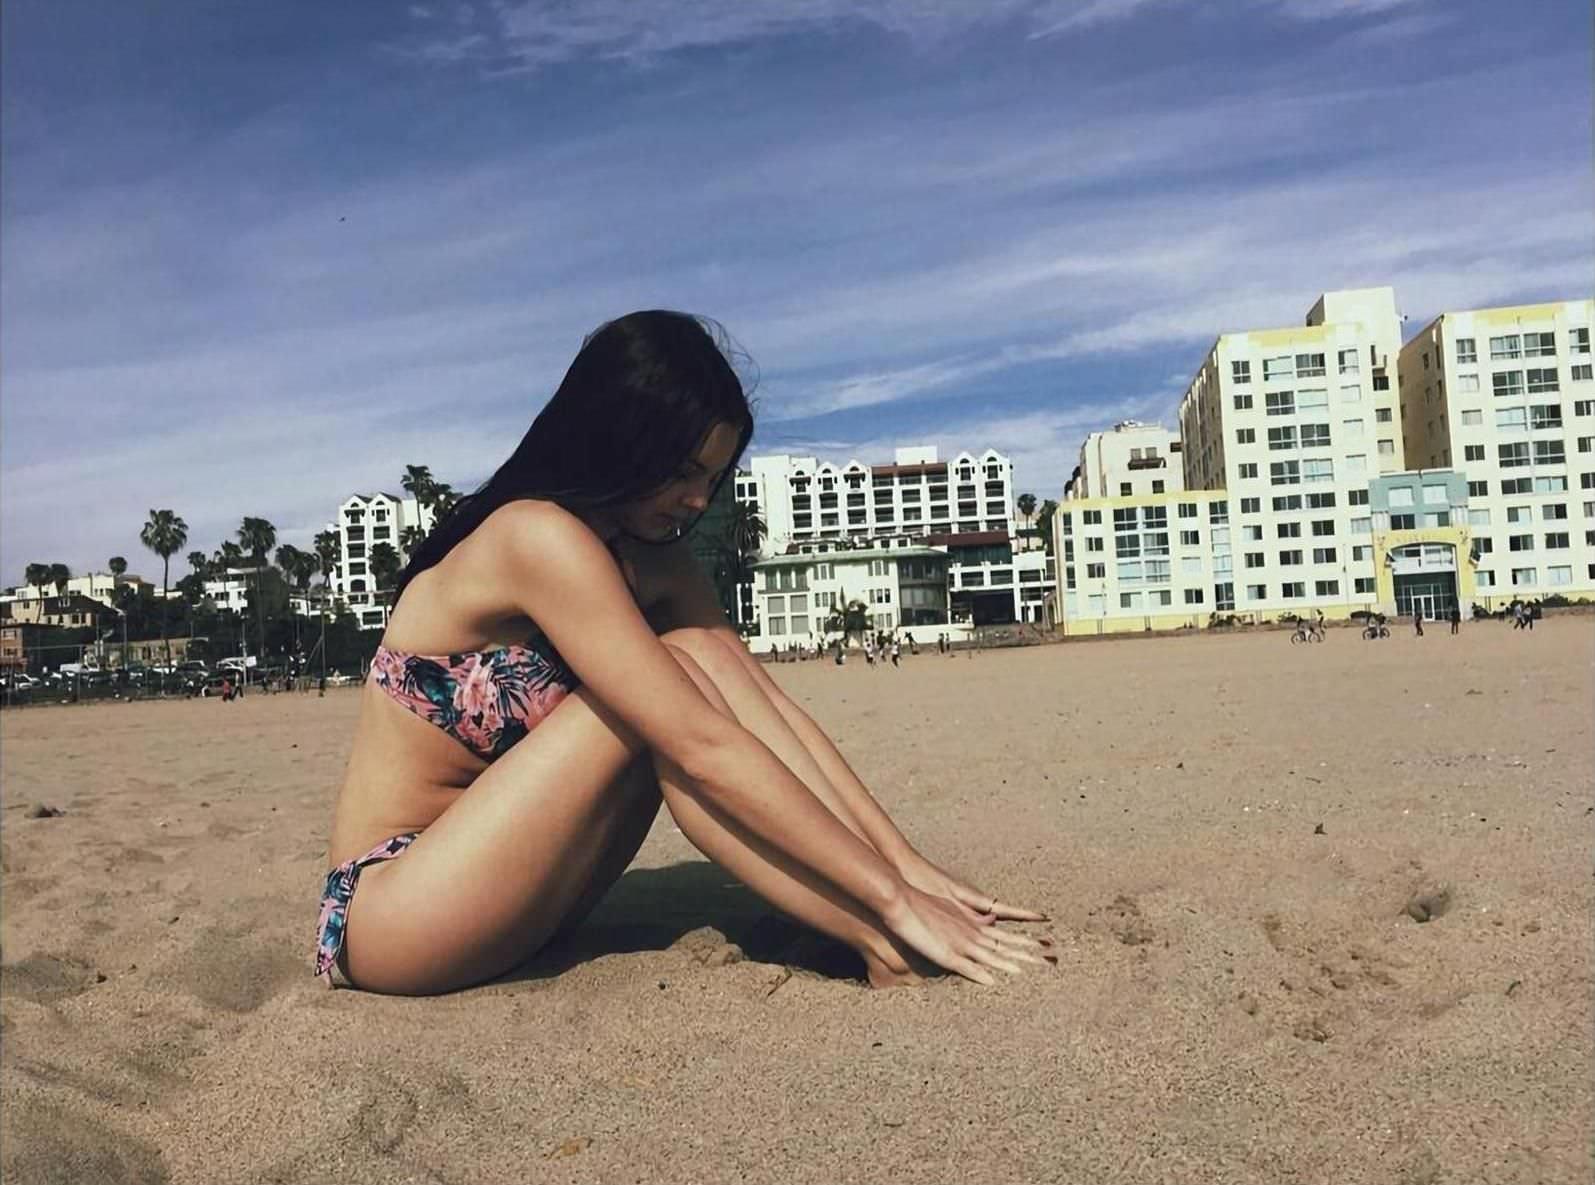 Элайн Пауэлл фото на песке